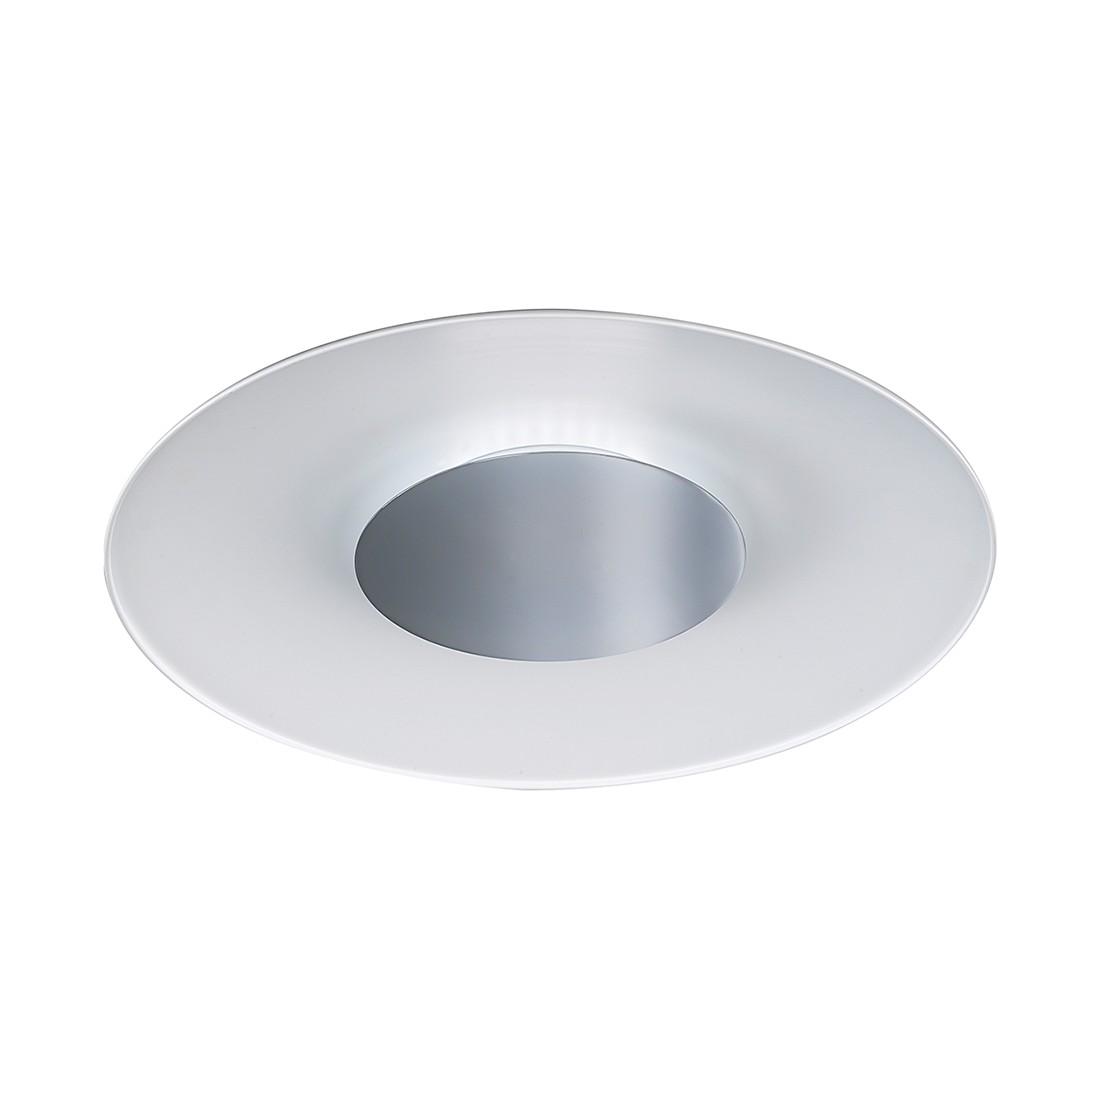 Deckenleuchte RONDO ● Metall/Kunststoff ● 1-flammig- Lux A+